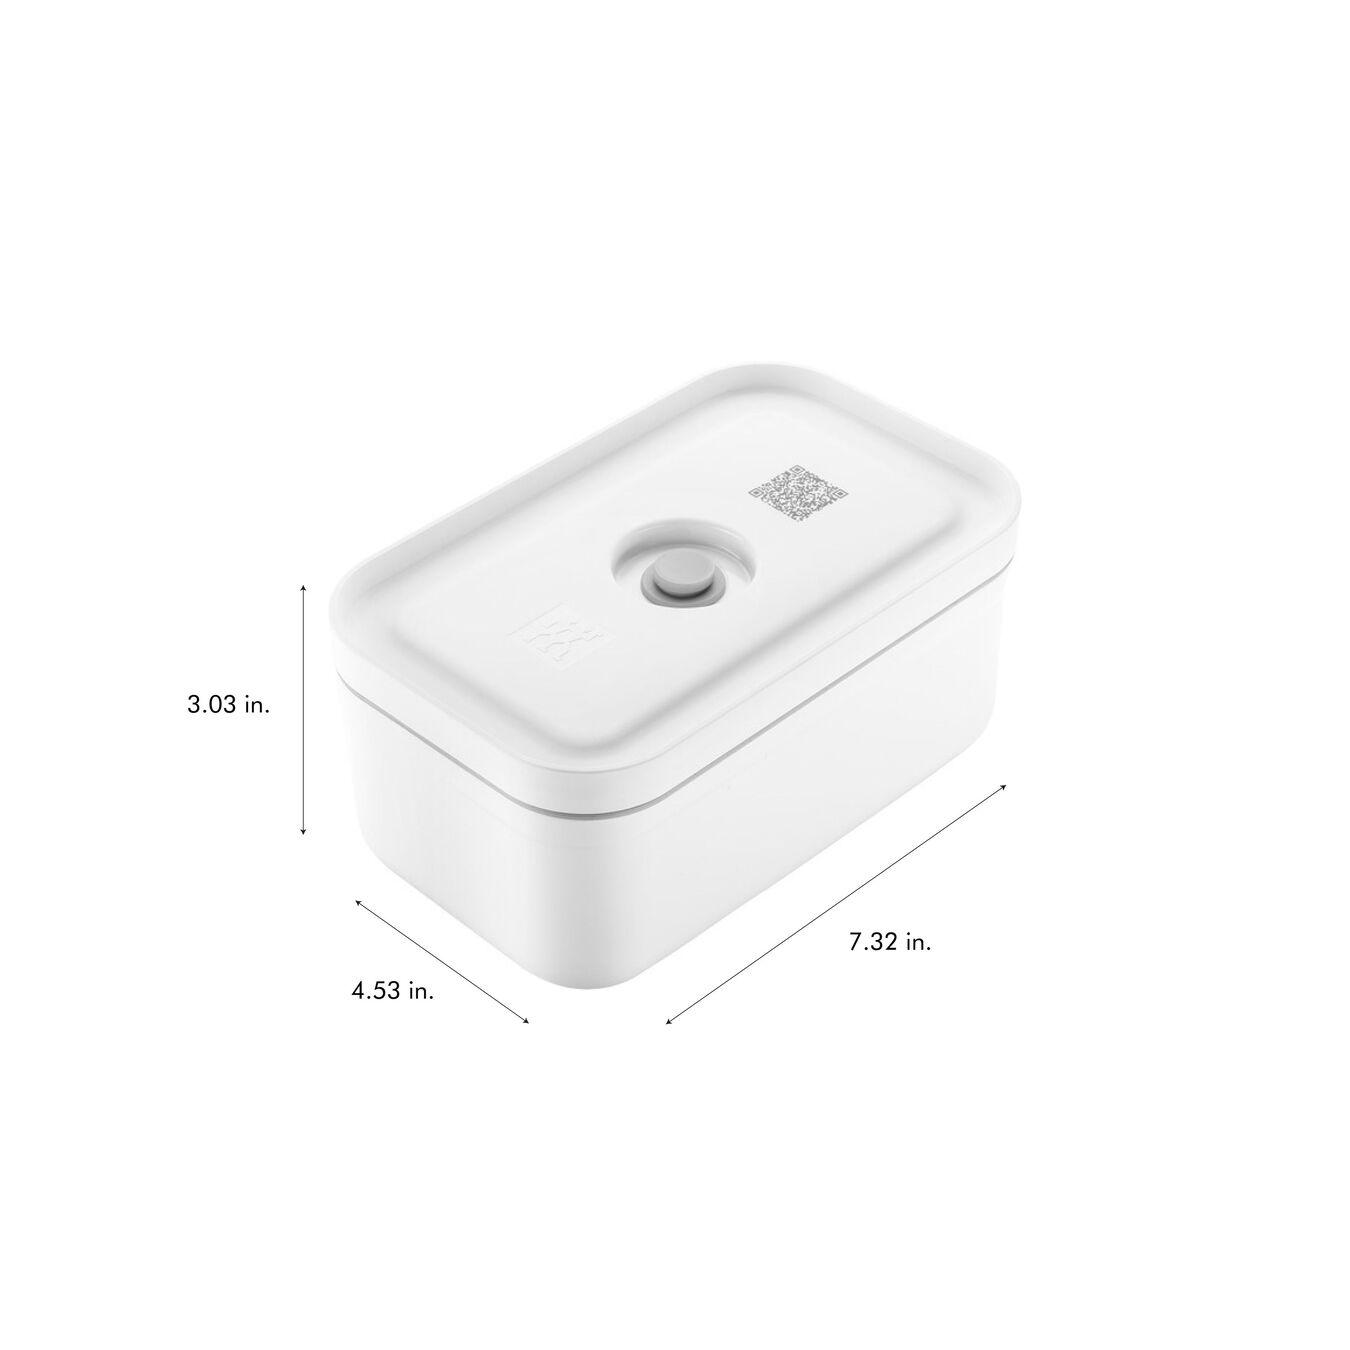 medium Vacuum lunch box, plastic, white,,large 9